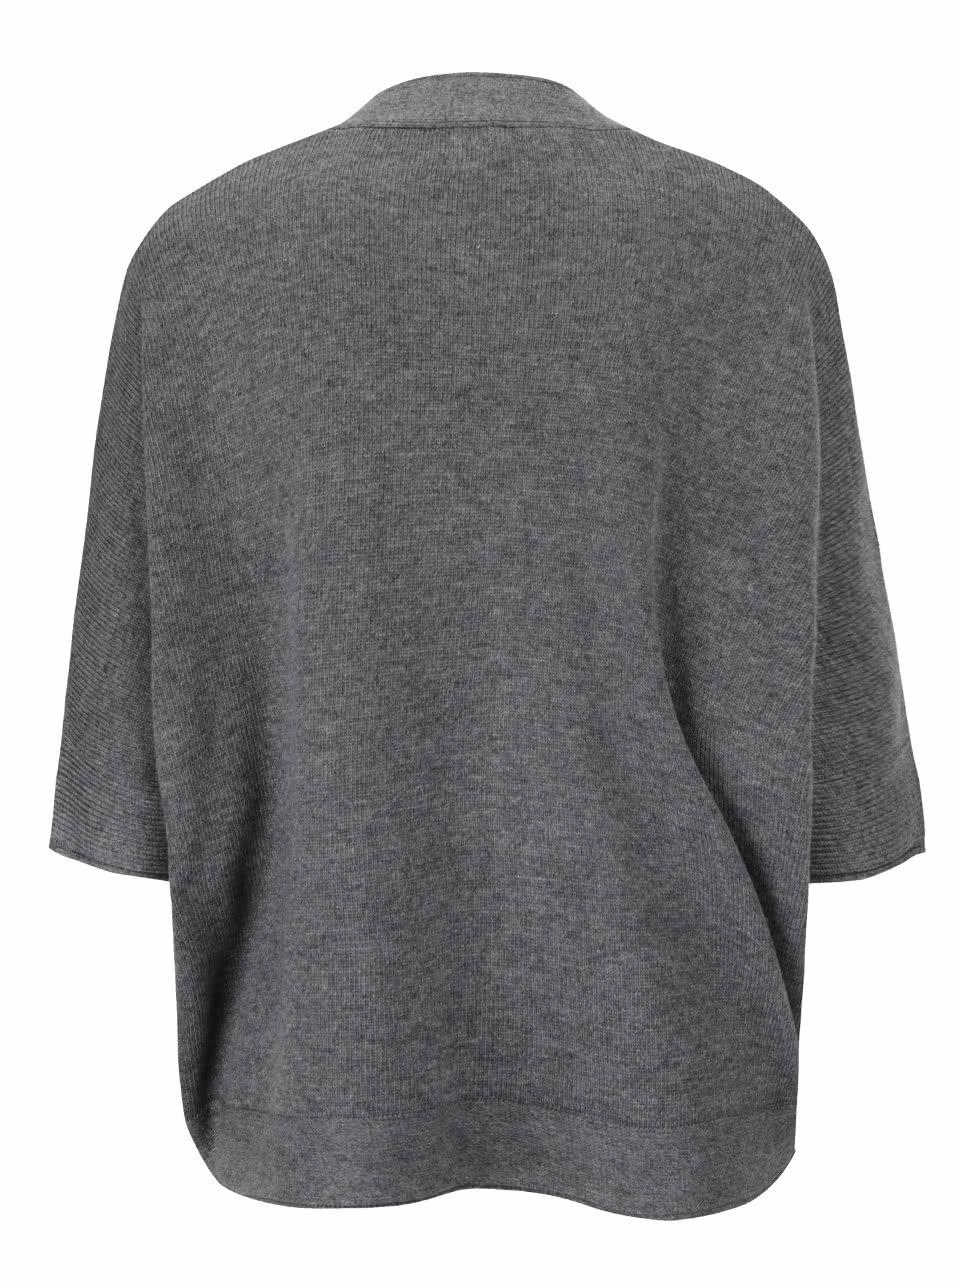 Šedý dámský oversize svetr s netopýřími rukávy Broadway Rhian ... 2b39ede93a